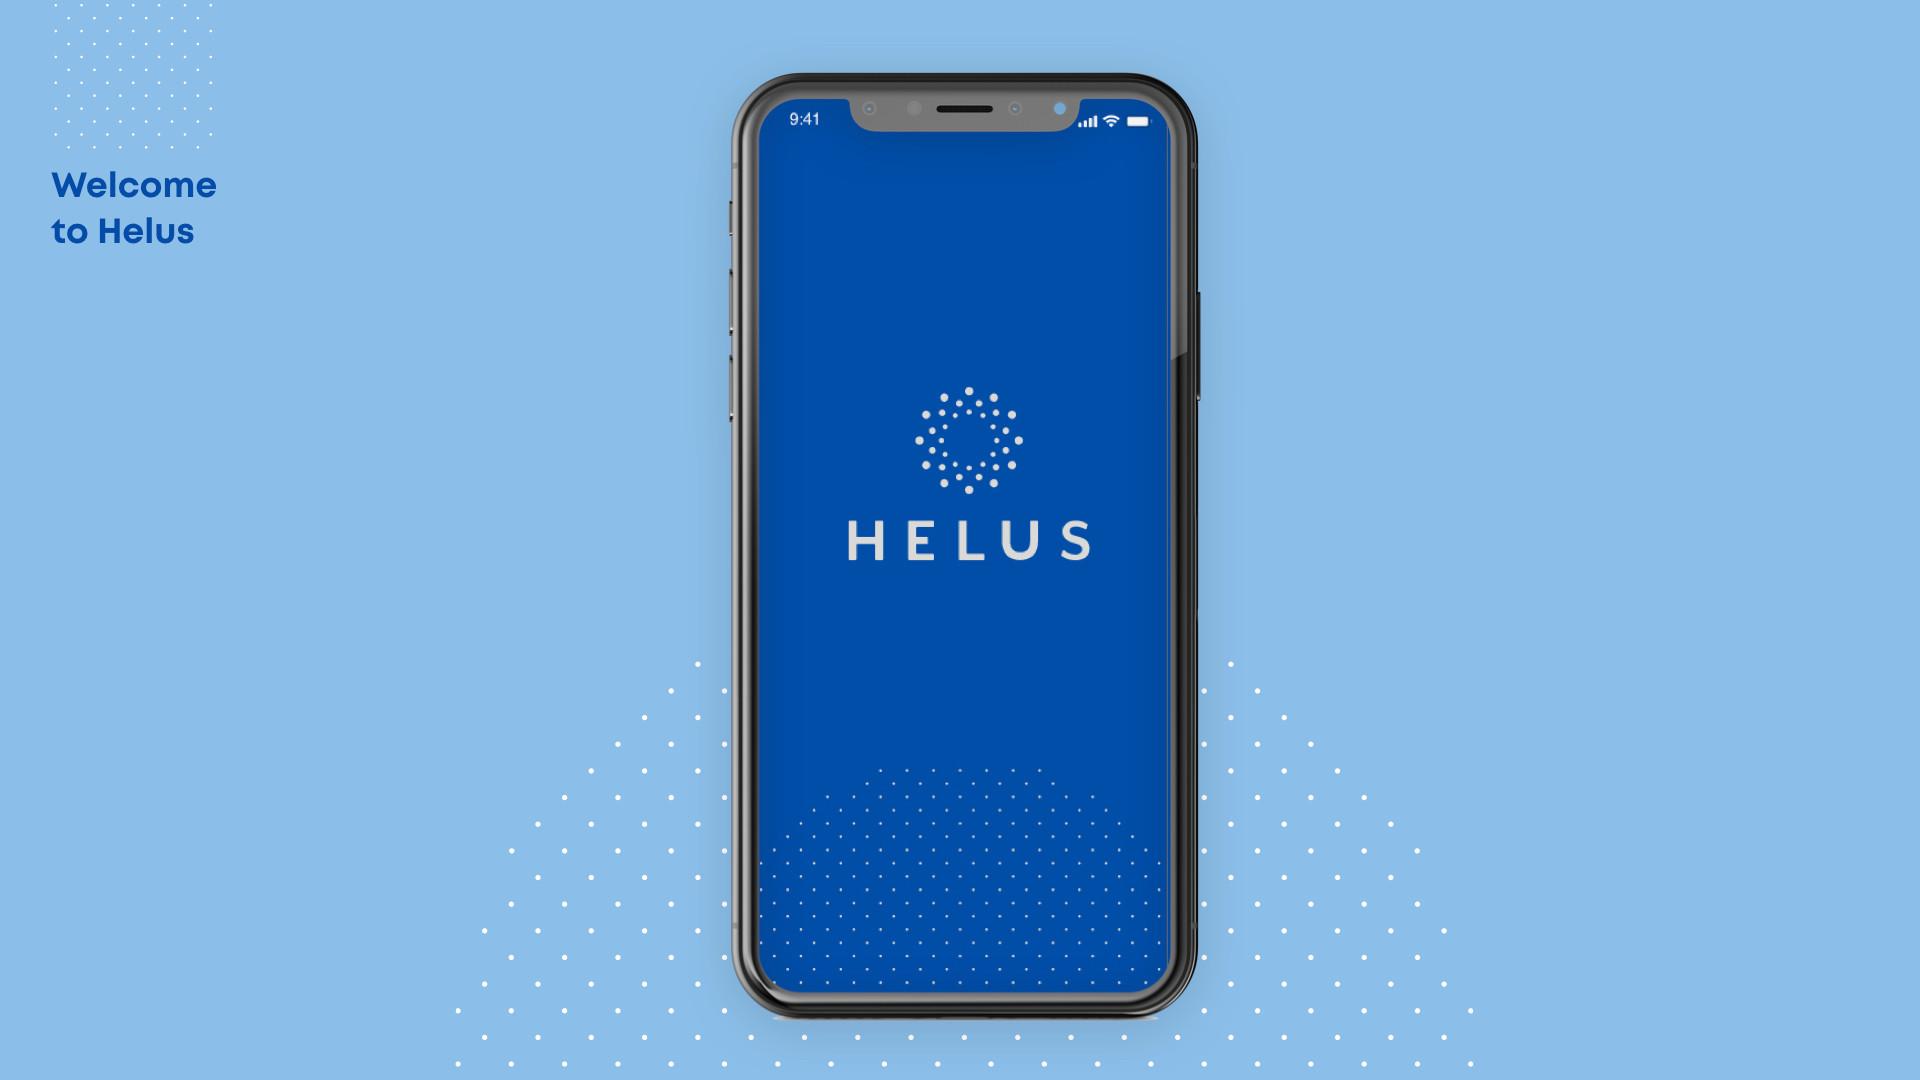 Helus_ui guideline_200323.002.jpeg